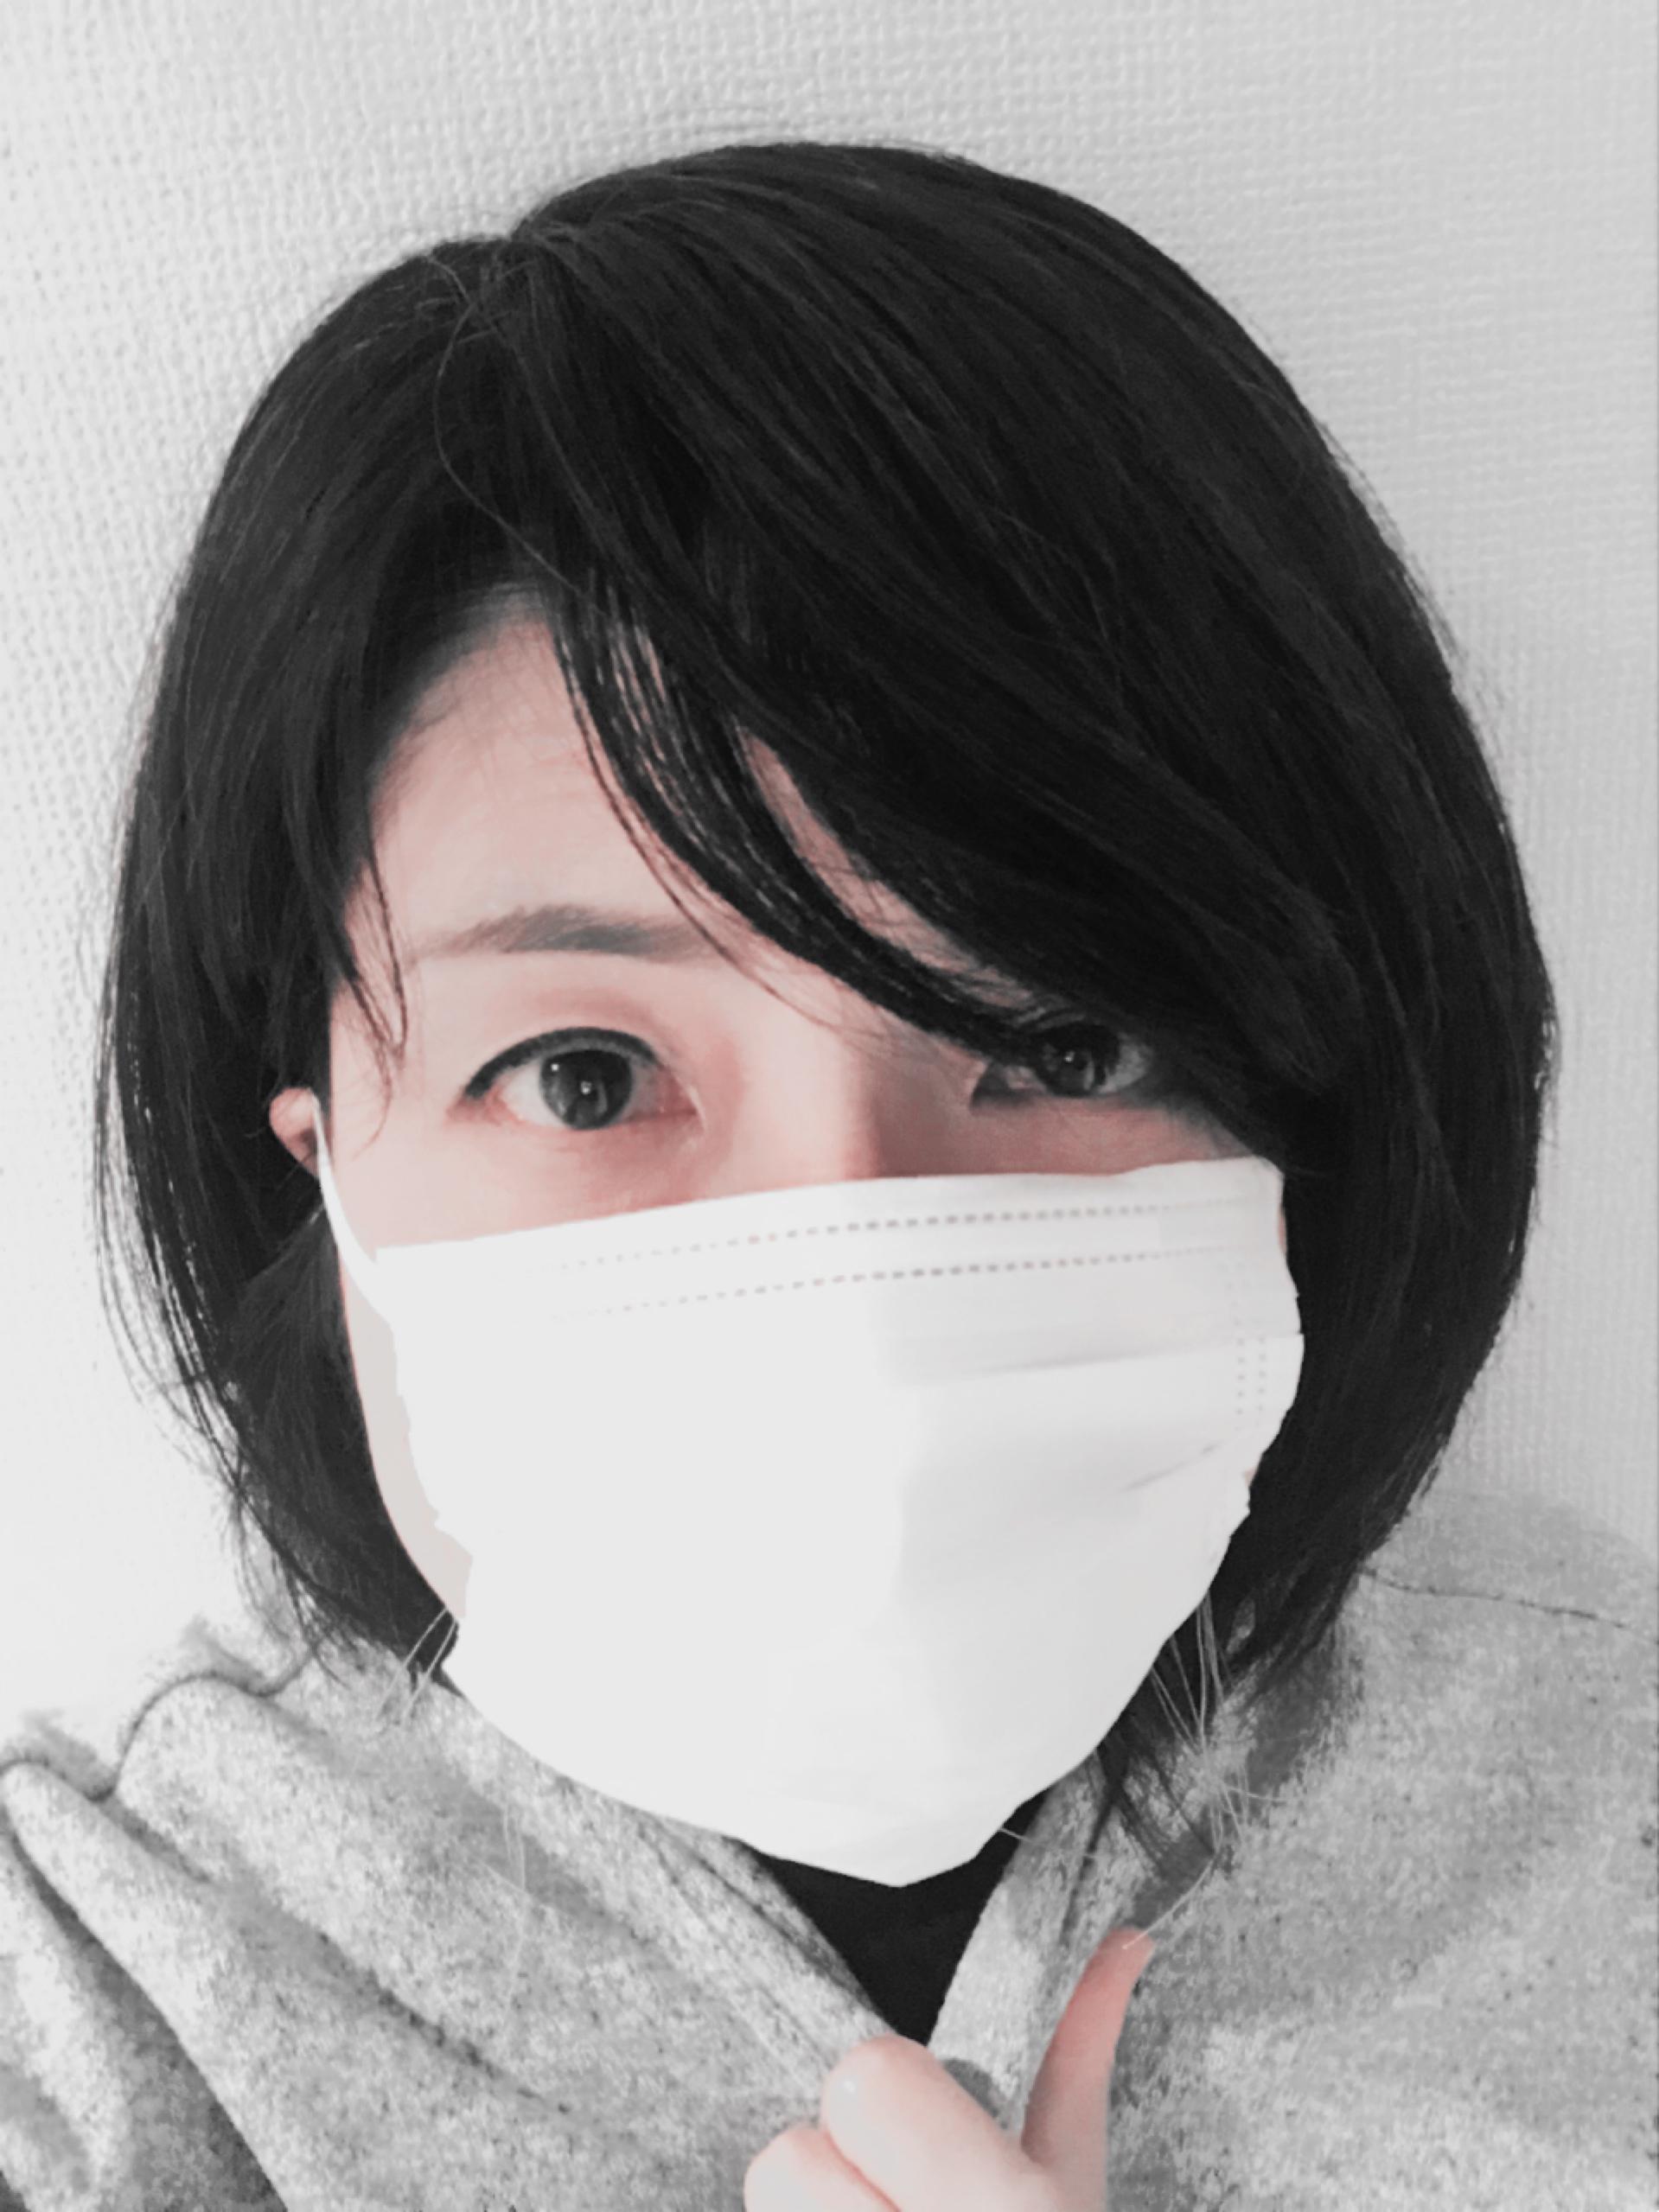 人妻さん日誌:めったに風邪をひかな